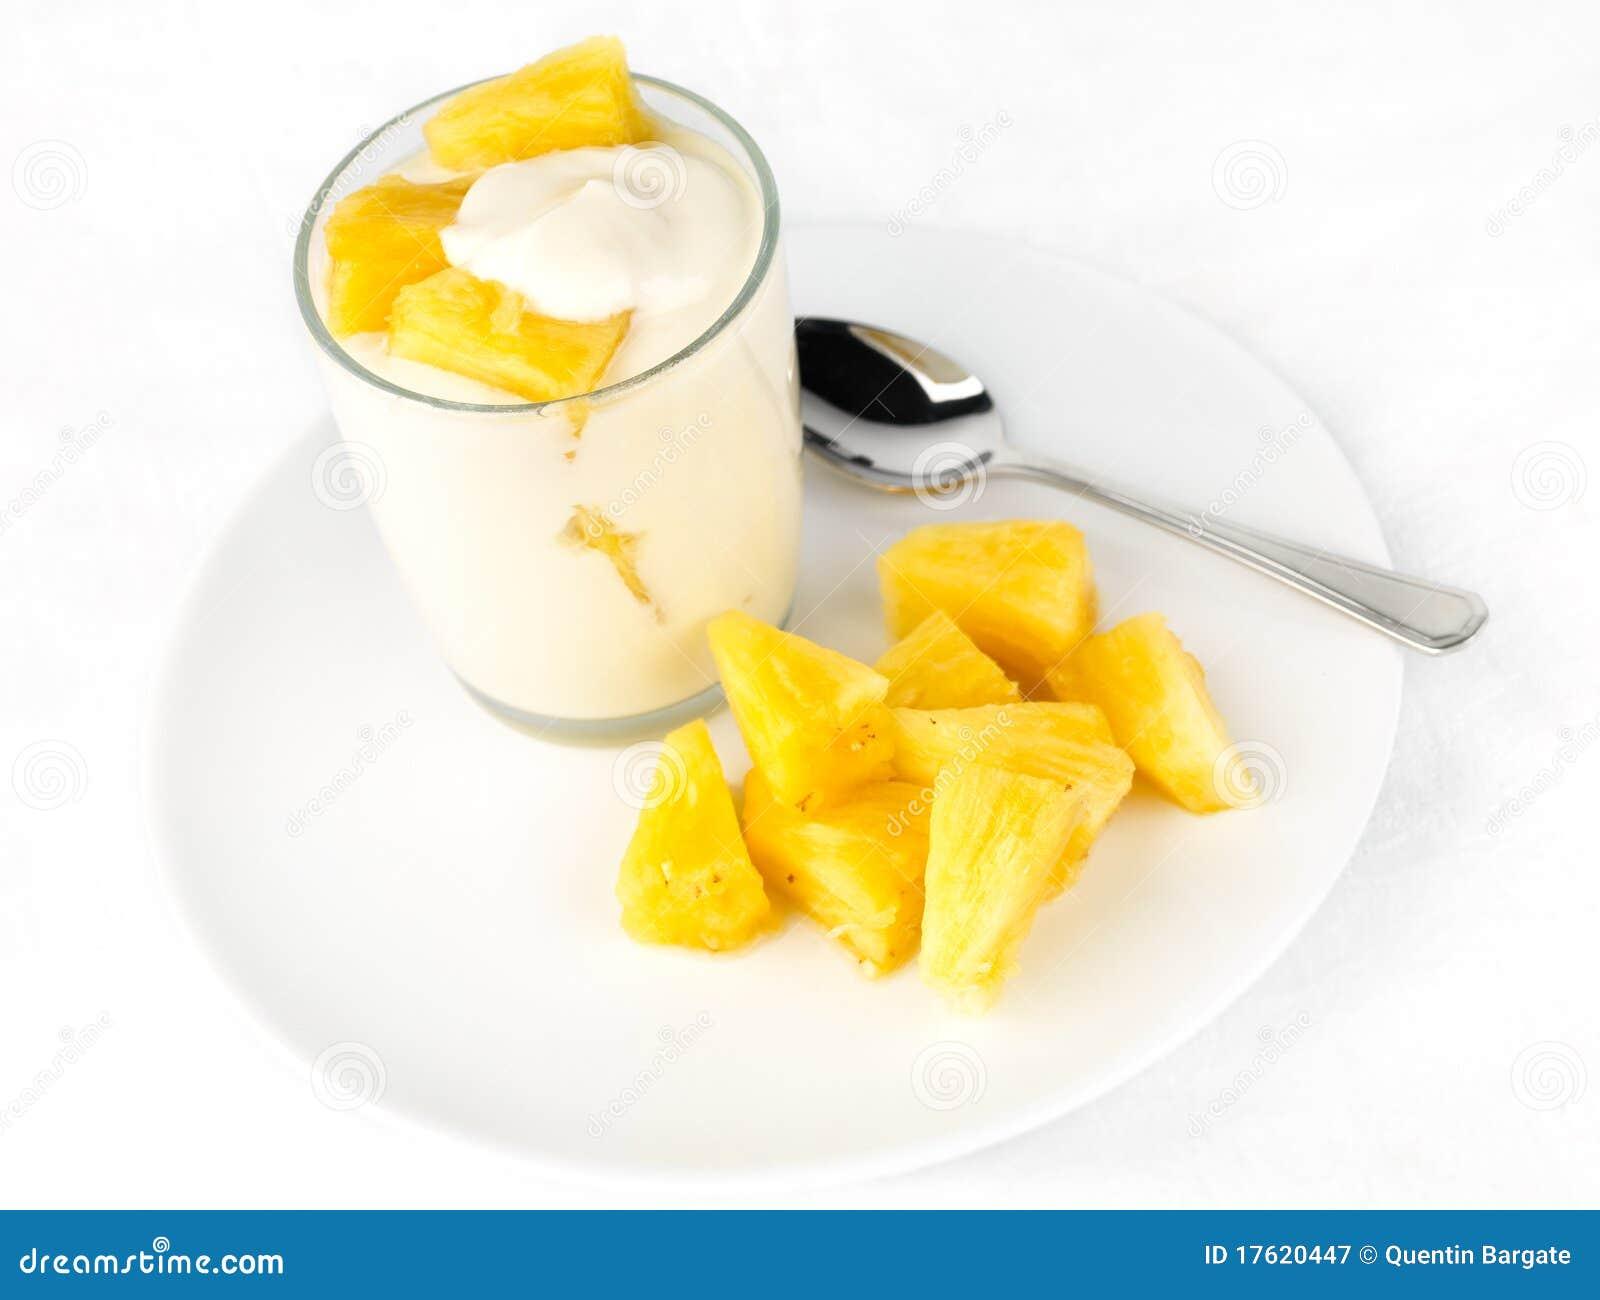 大块菠萝酸奶